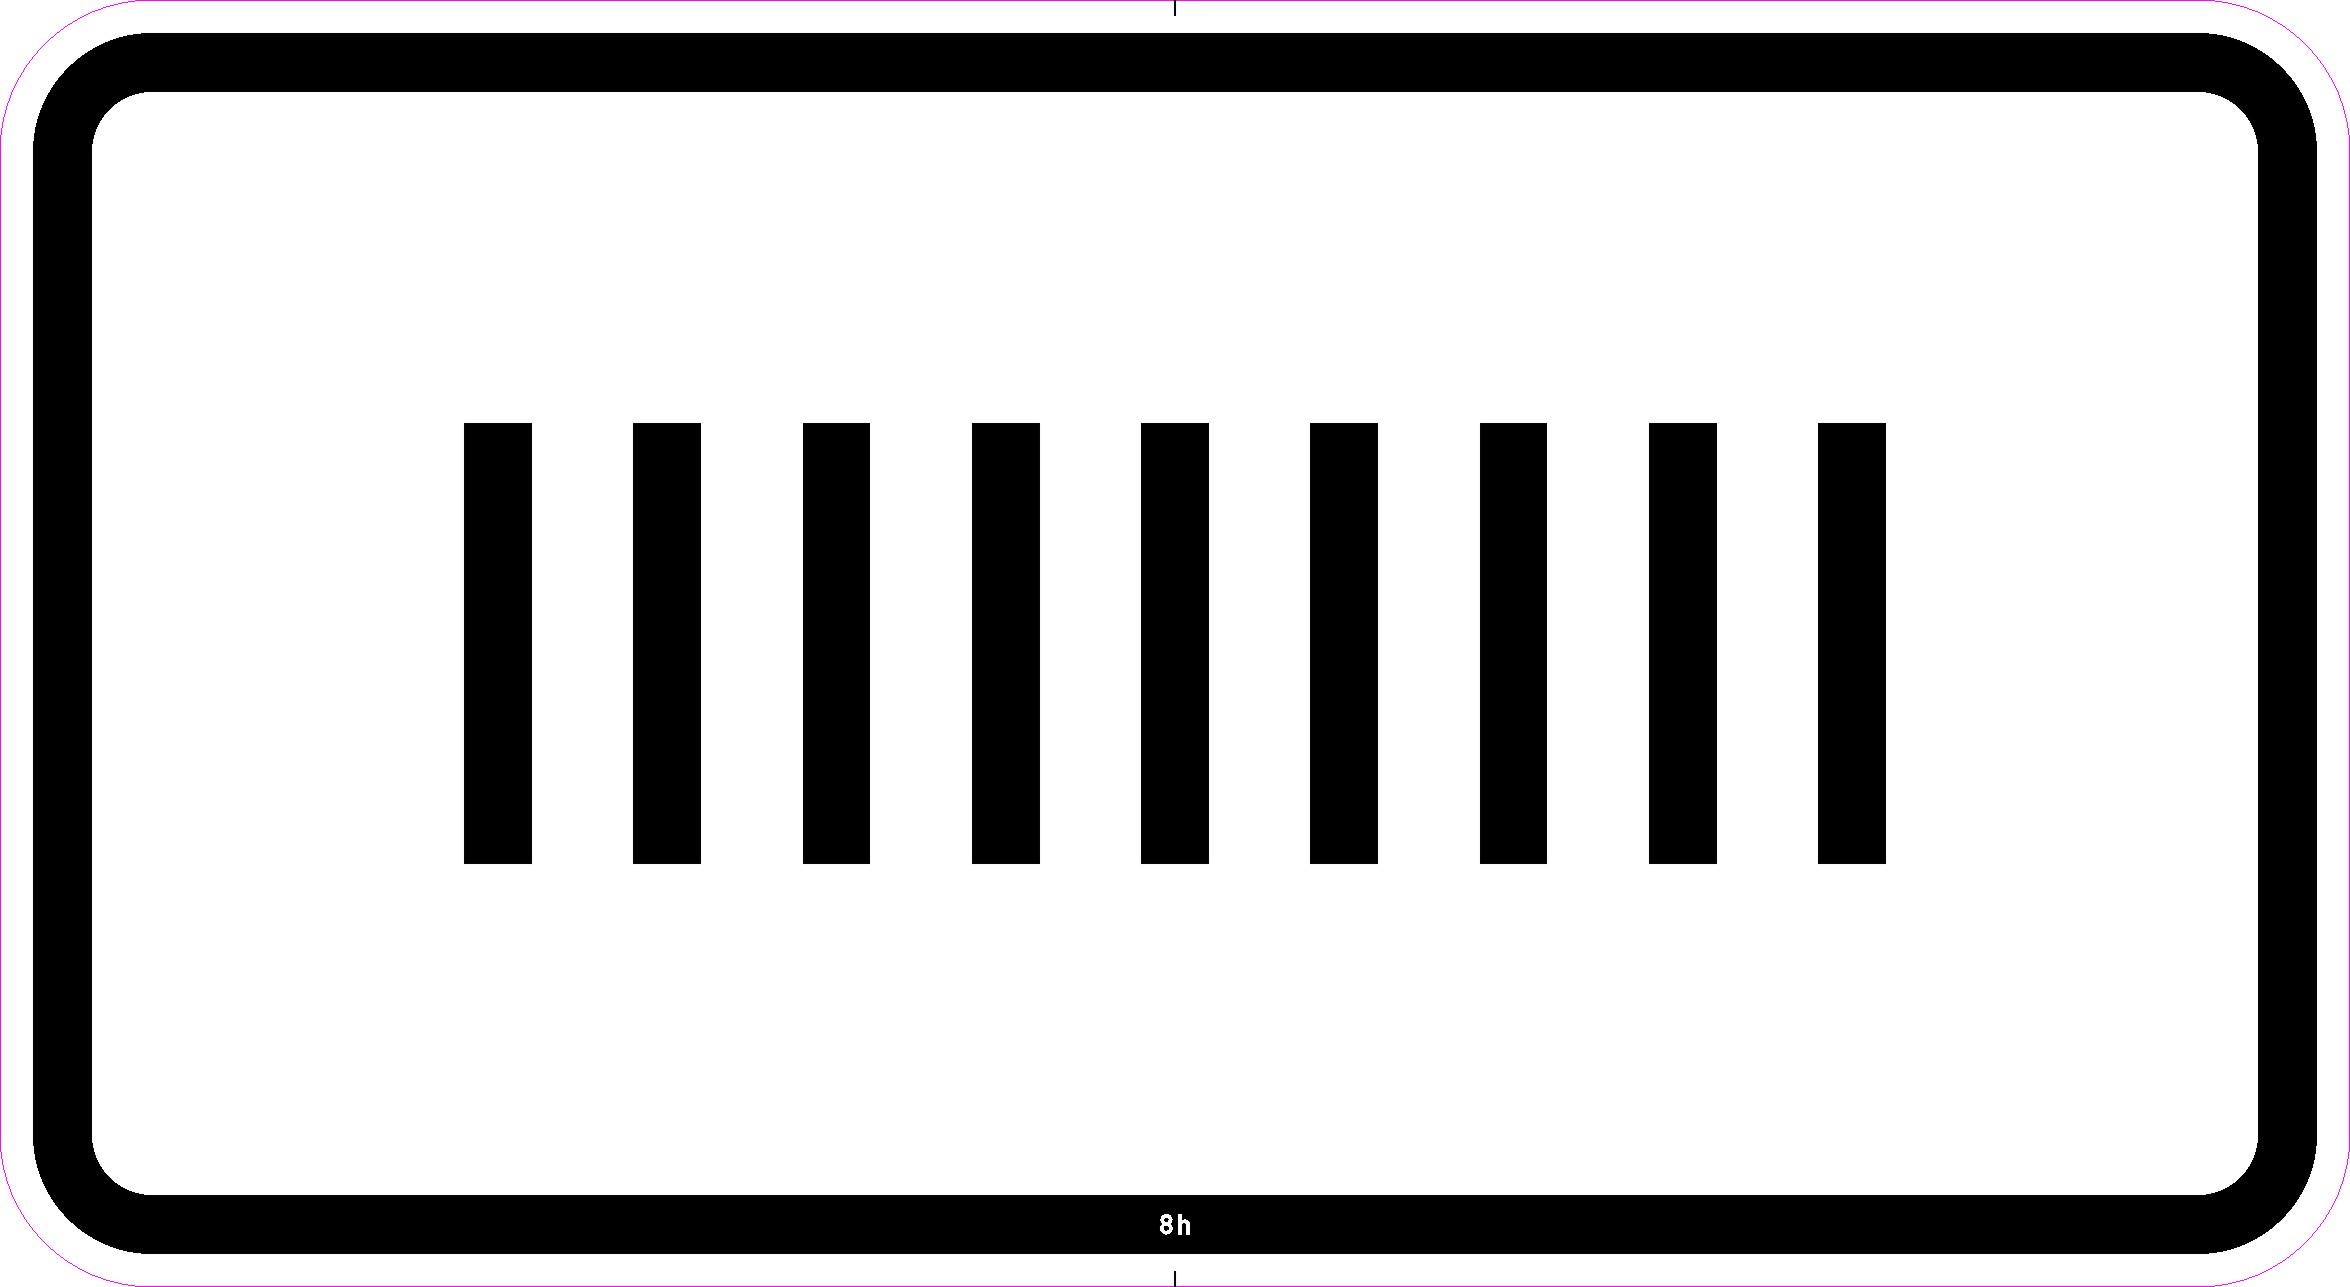 sonderschild kundentext wei schwarzer rand und text zusatzzeichen verkehrszeichen. Black Bedroom Furniture Sets. Home Design Ideas